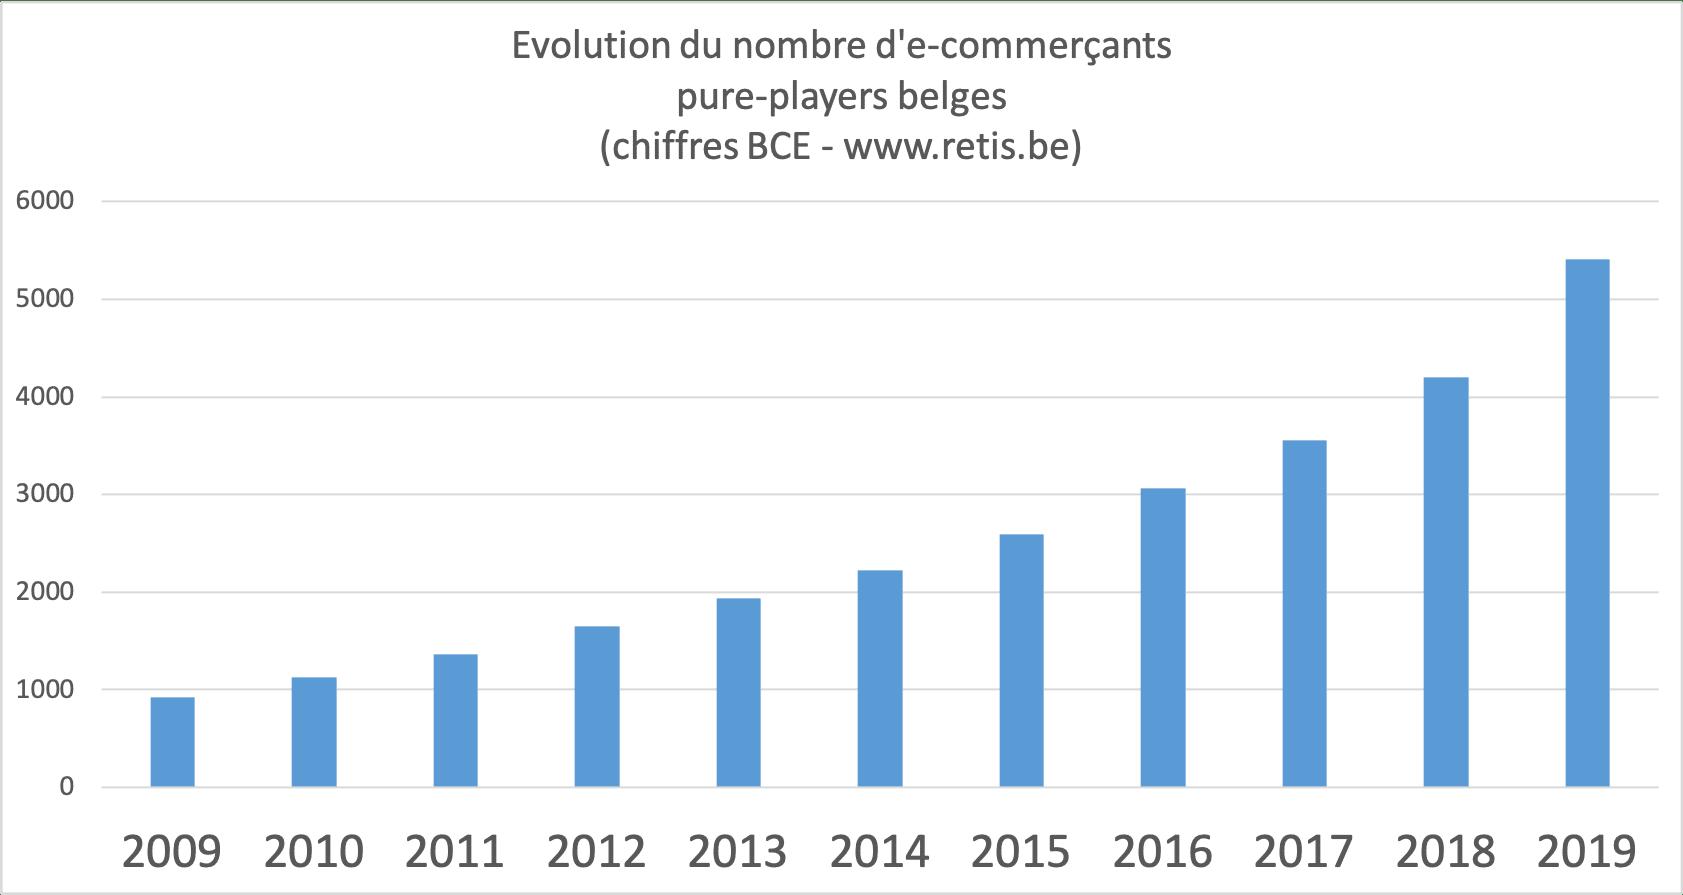 Statistiques e-commerce Belgique - Evolution du nombre d'e-commerçants en 10 ans